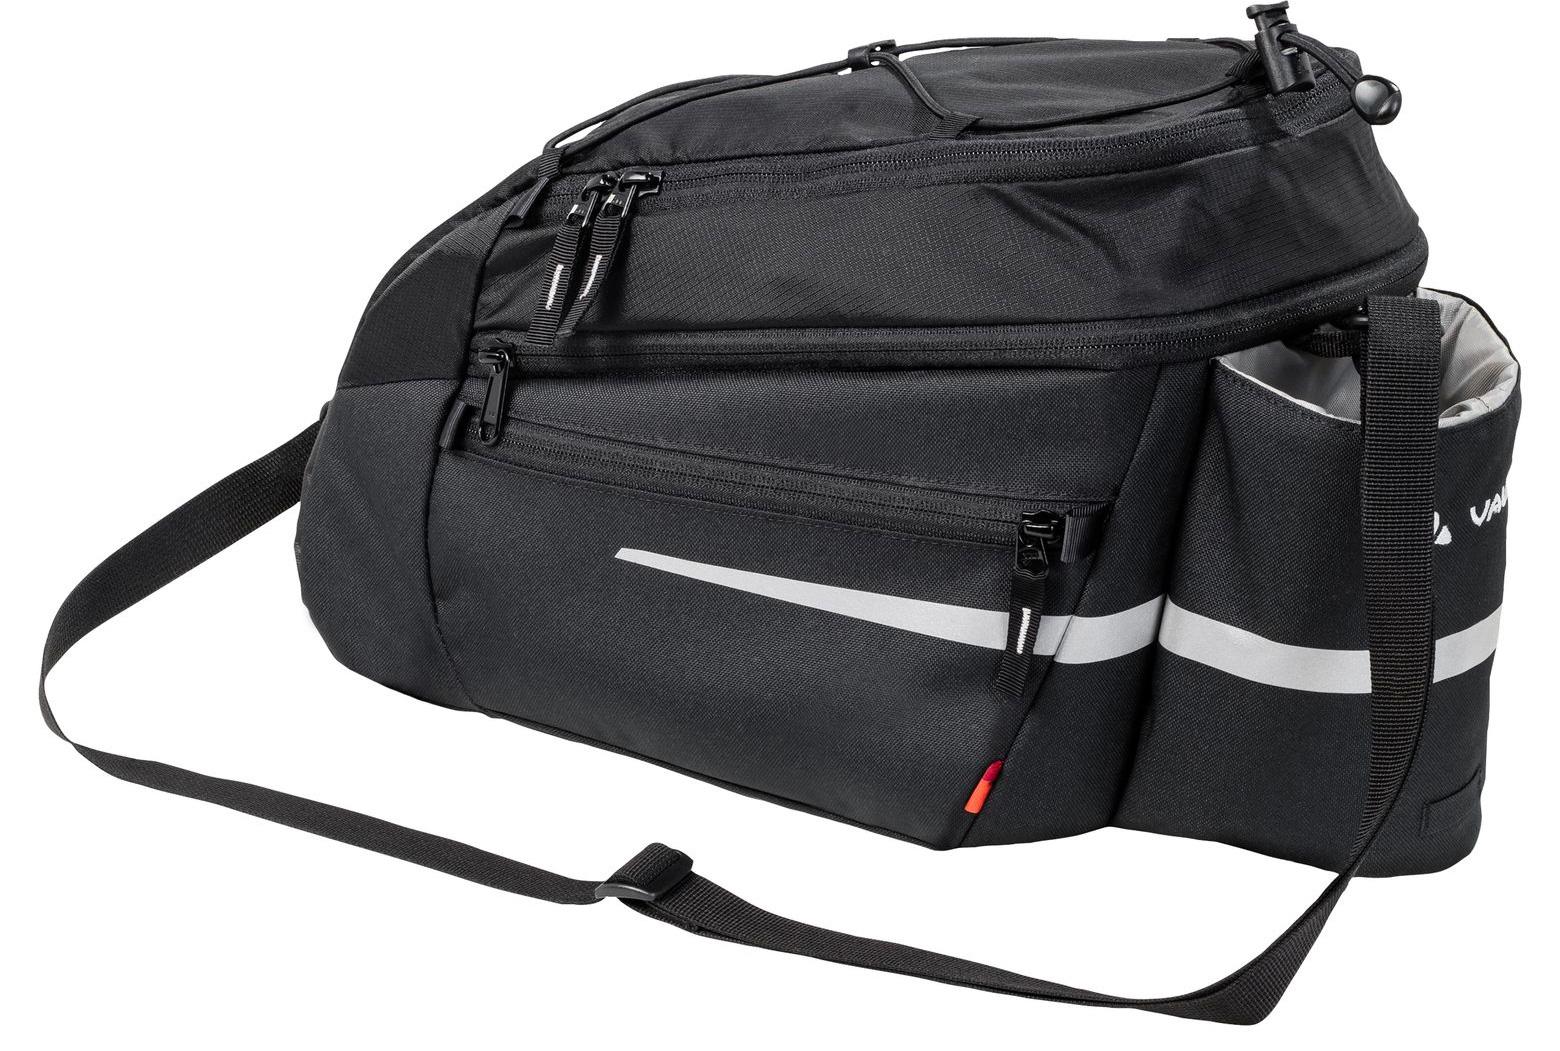 Vaude Silkroad L (UniKlip) Bike Pannier - black